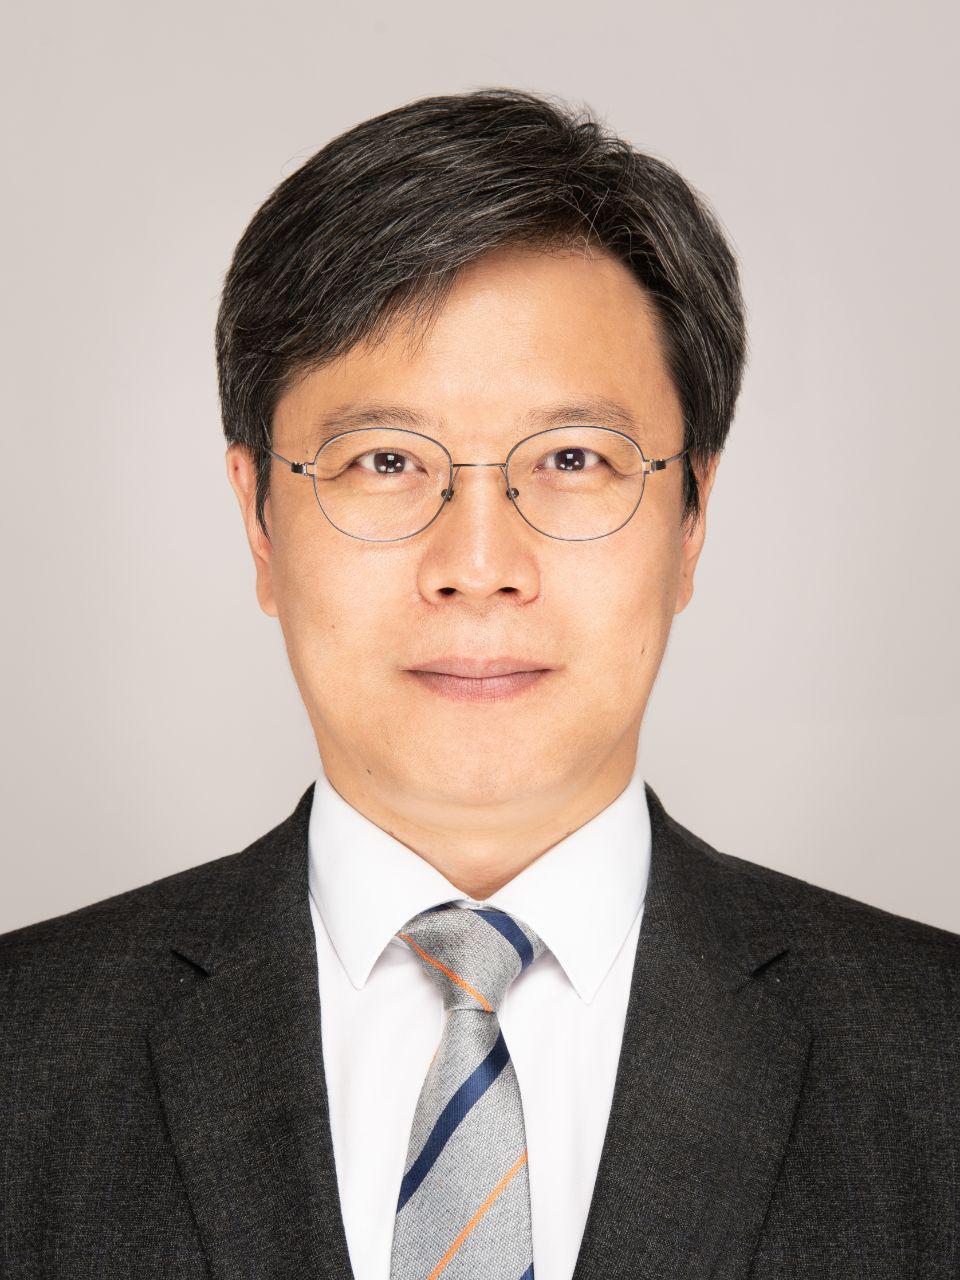 우형록 교수 사진